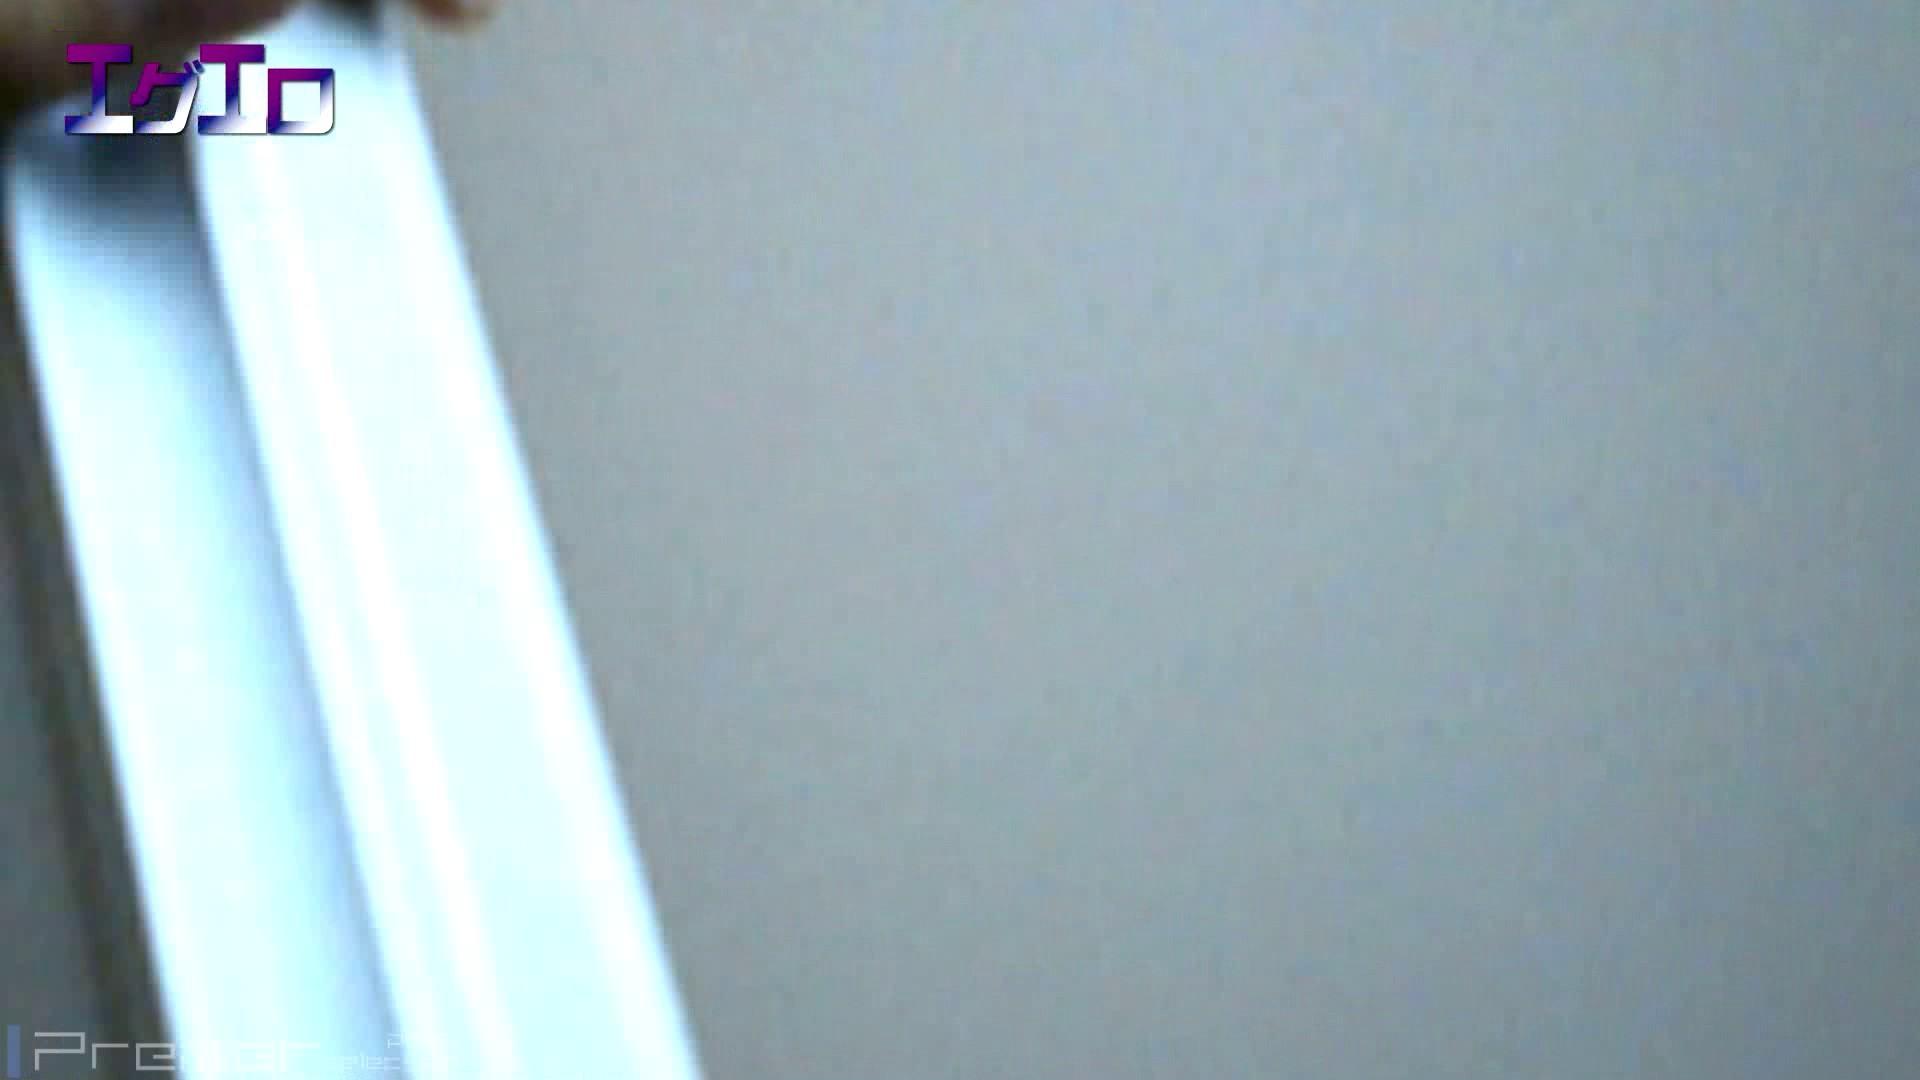 至近距離洗面所 Vol.07 ニーハイソックスに狙いを定めて むっちり  74PIX 52